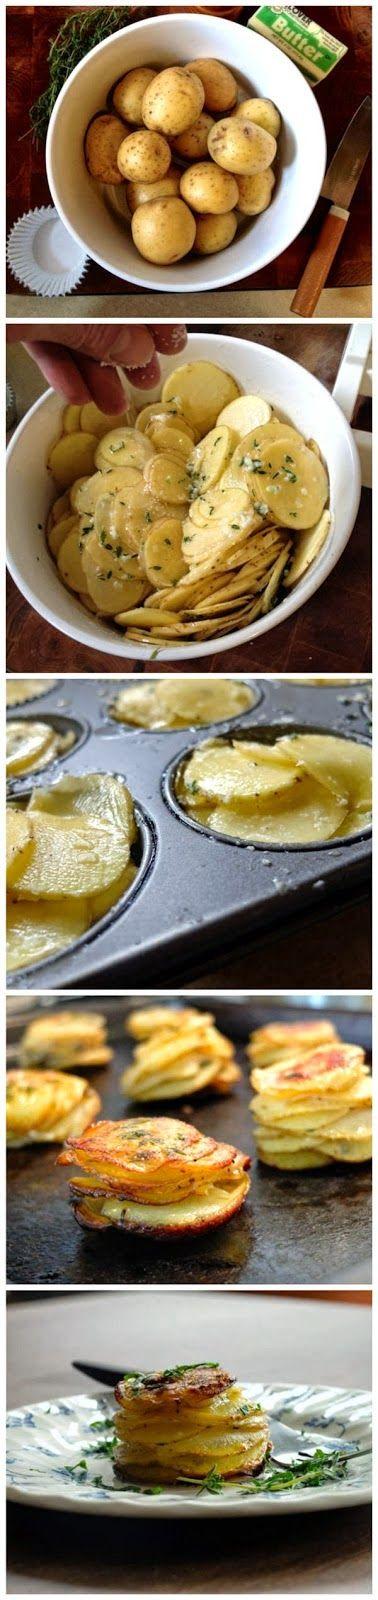 L'appétissante tour de patates au four - Recettes - Recettes simples et géniales! - Ma Fourchette - Délicieuses recettes de cuisine, astuces culinaires et plus encore!